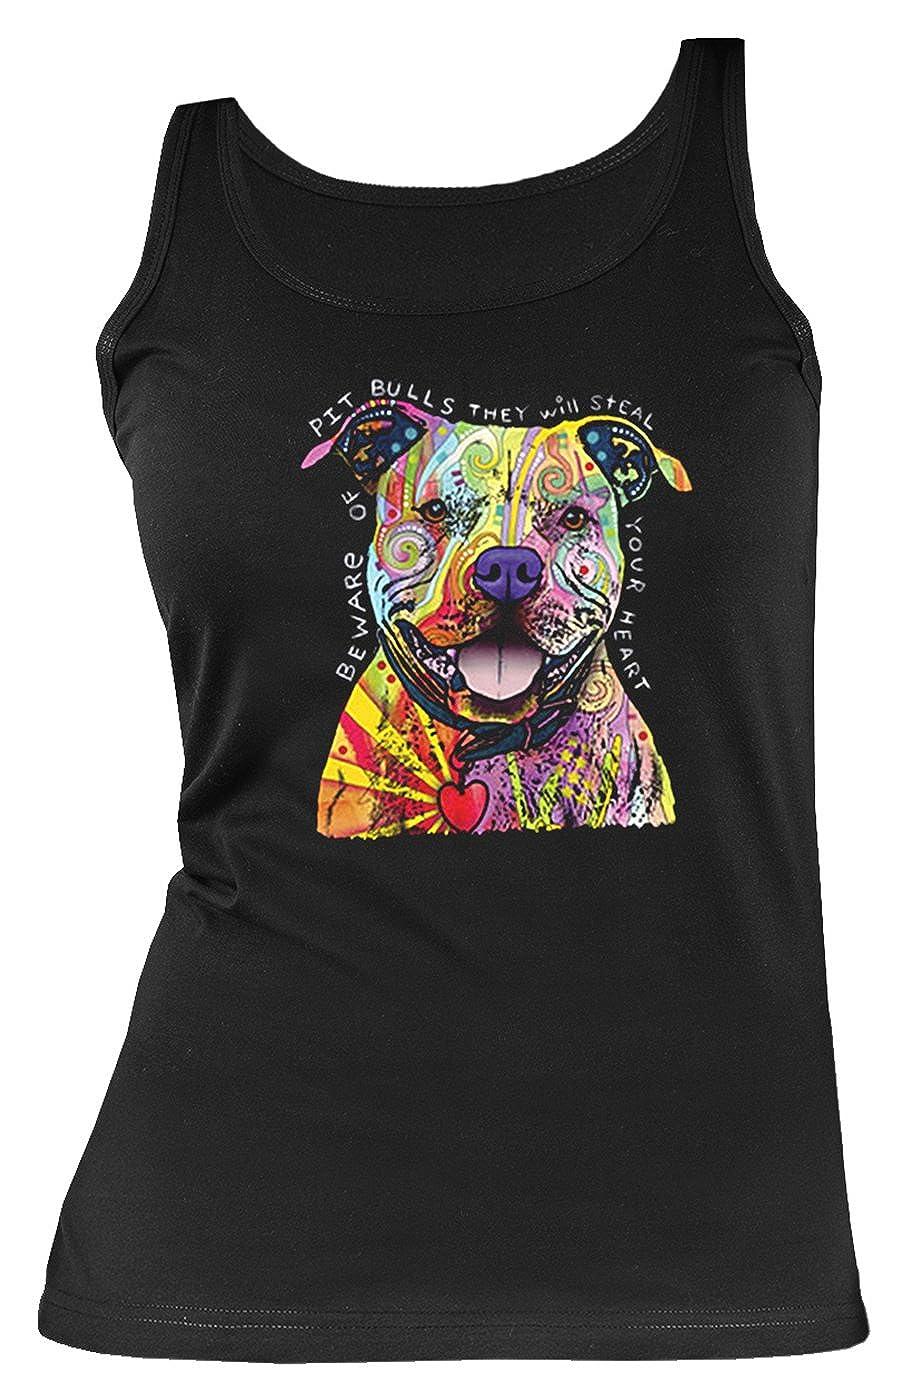 Damen Tanktop Neon Pitbull Shirt 4 Girls Beach Tank Top Lady Geburtstag Geschenk geil bedruckt